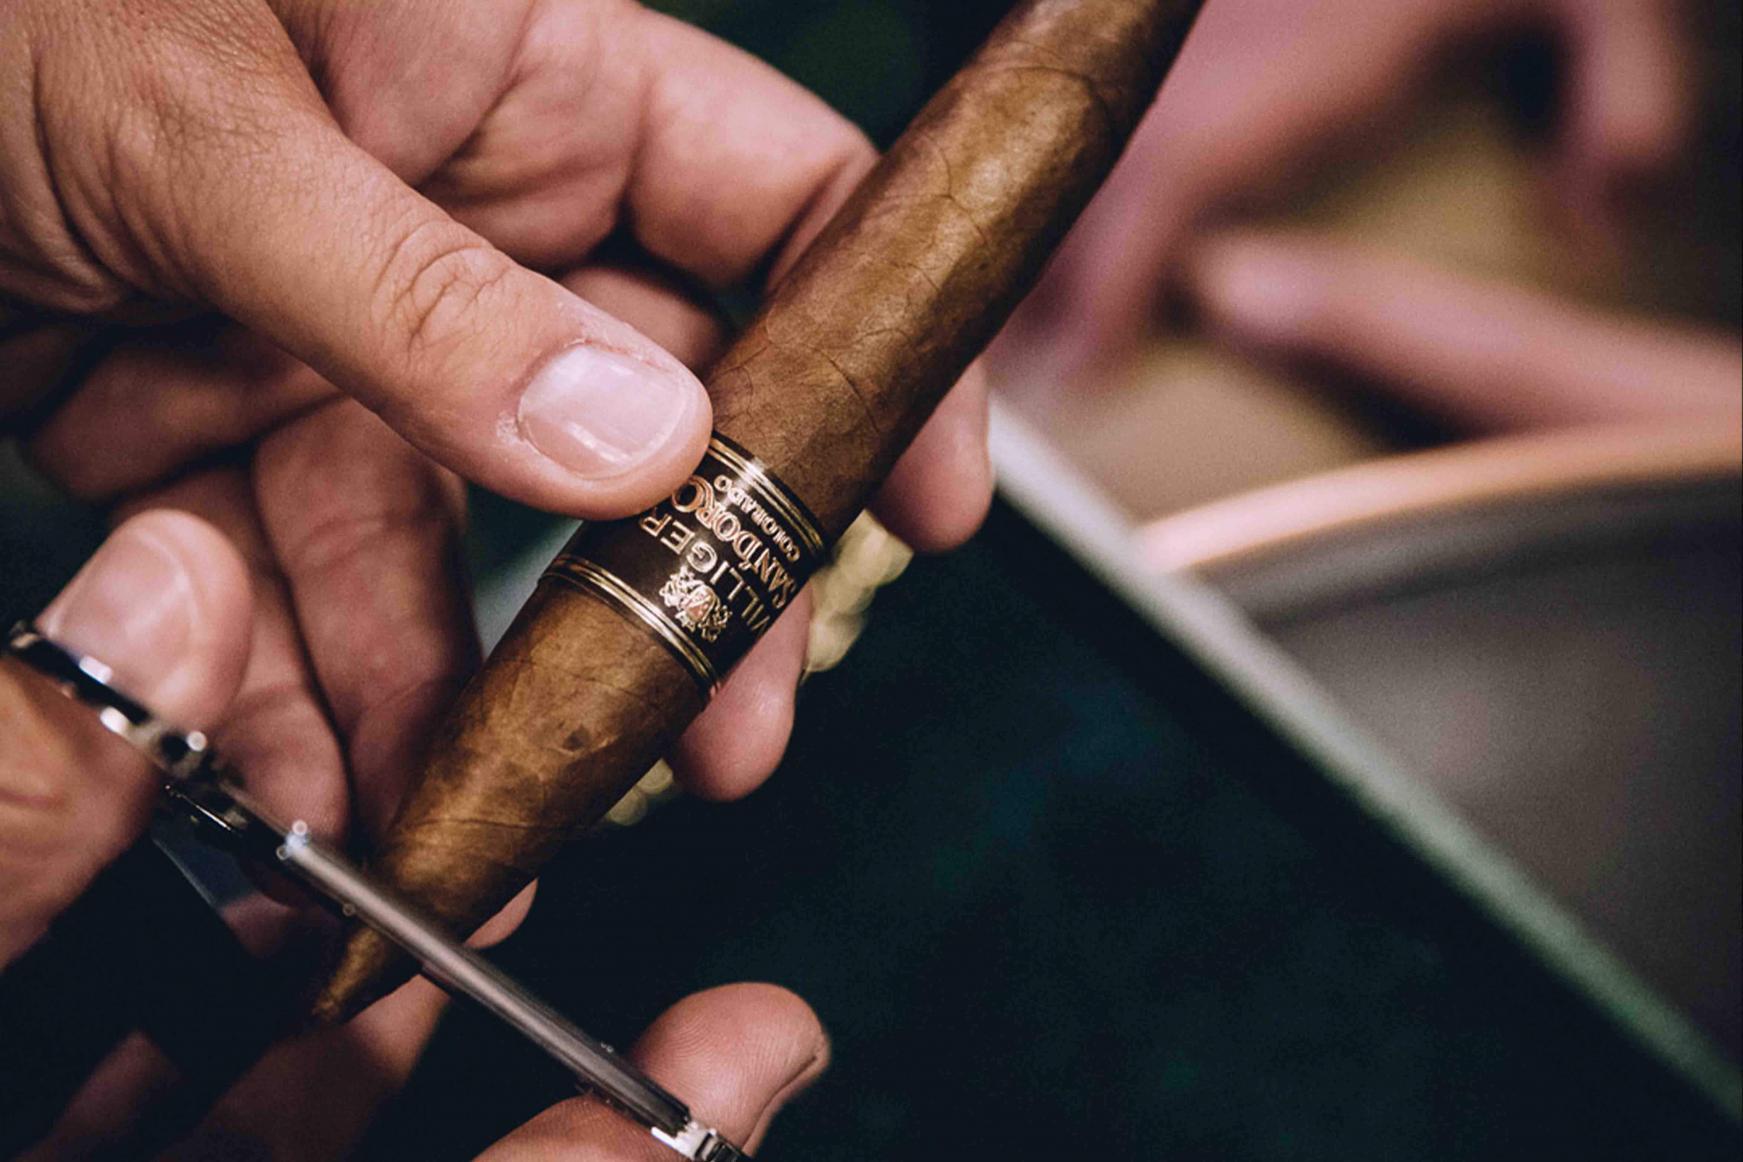 cigarre anscheiden